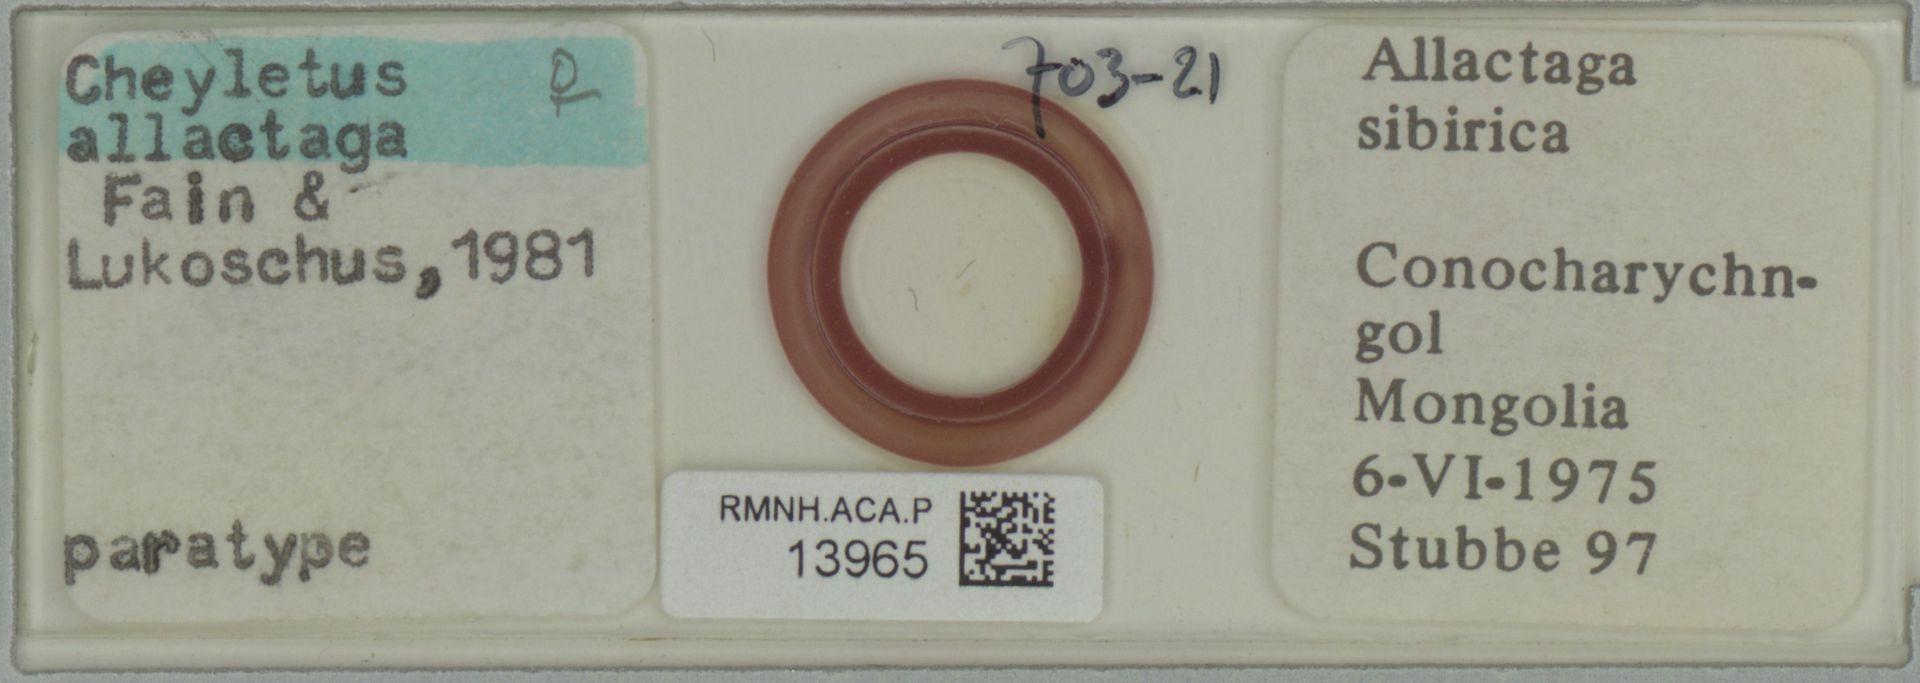 RMNH.ACA.P.13965 | Cheyletus allactaga Fain & Lukoschus, 1981